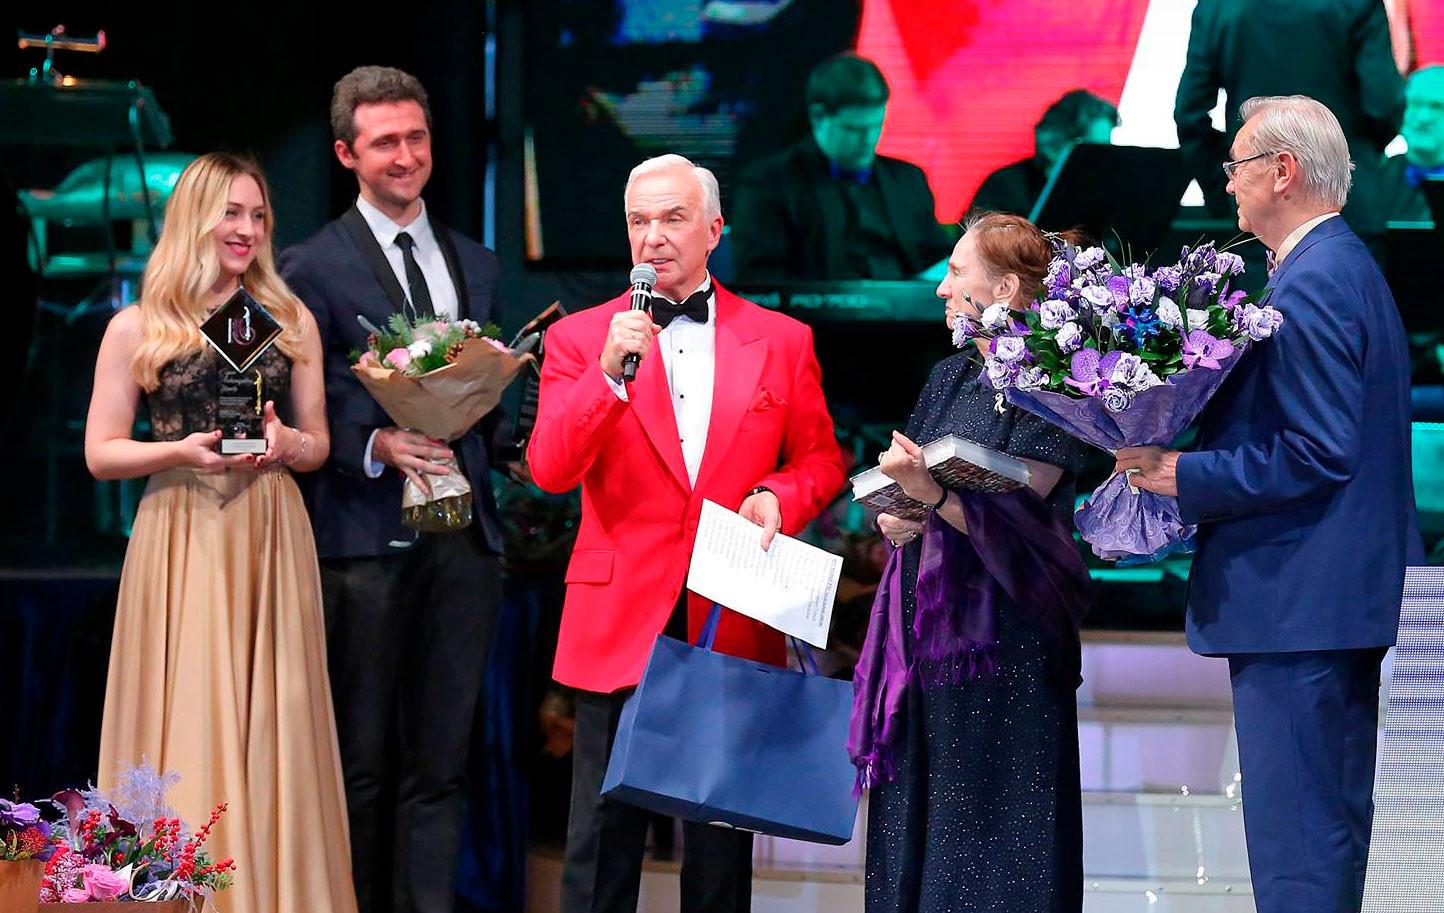 Станислав Попов, Сергей Усанов, Валерия Уральская, фото Елена Анашина